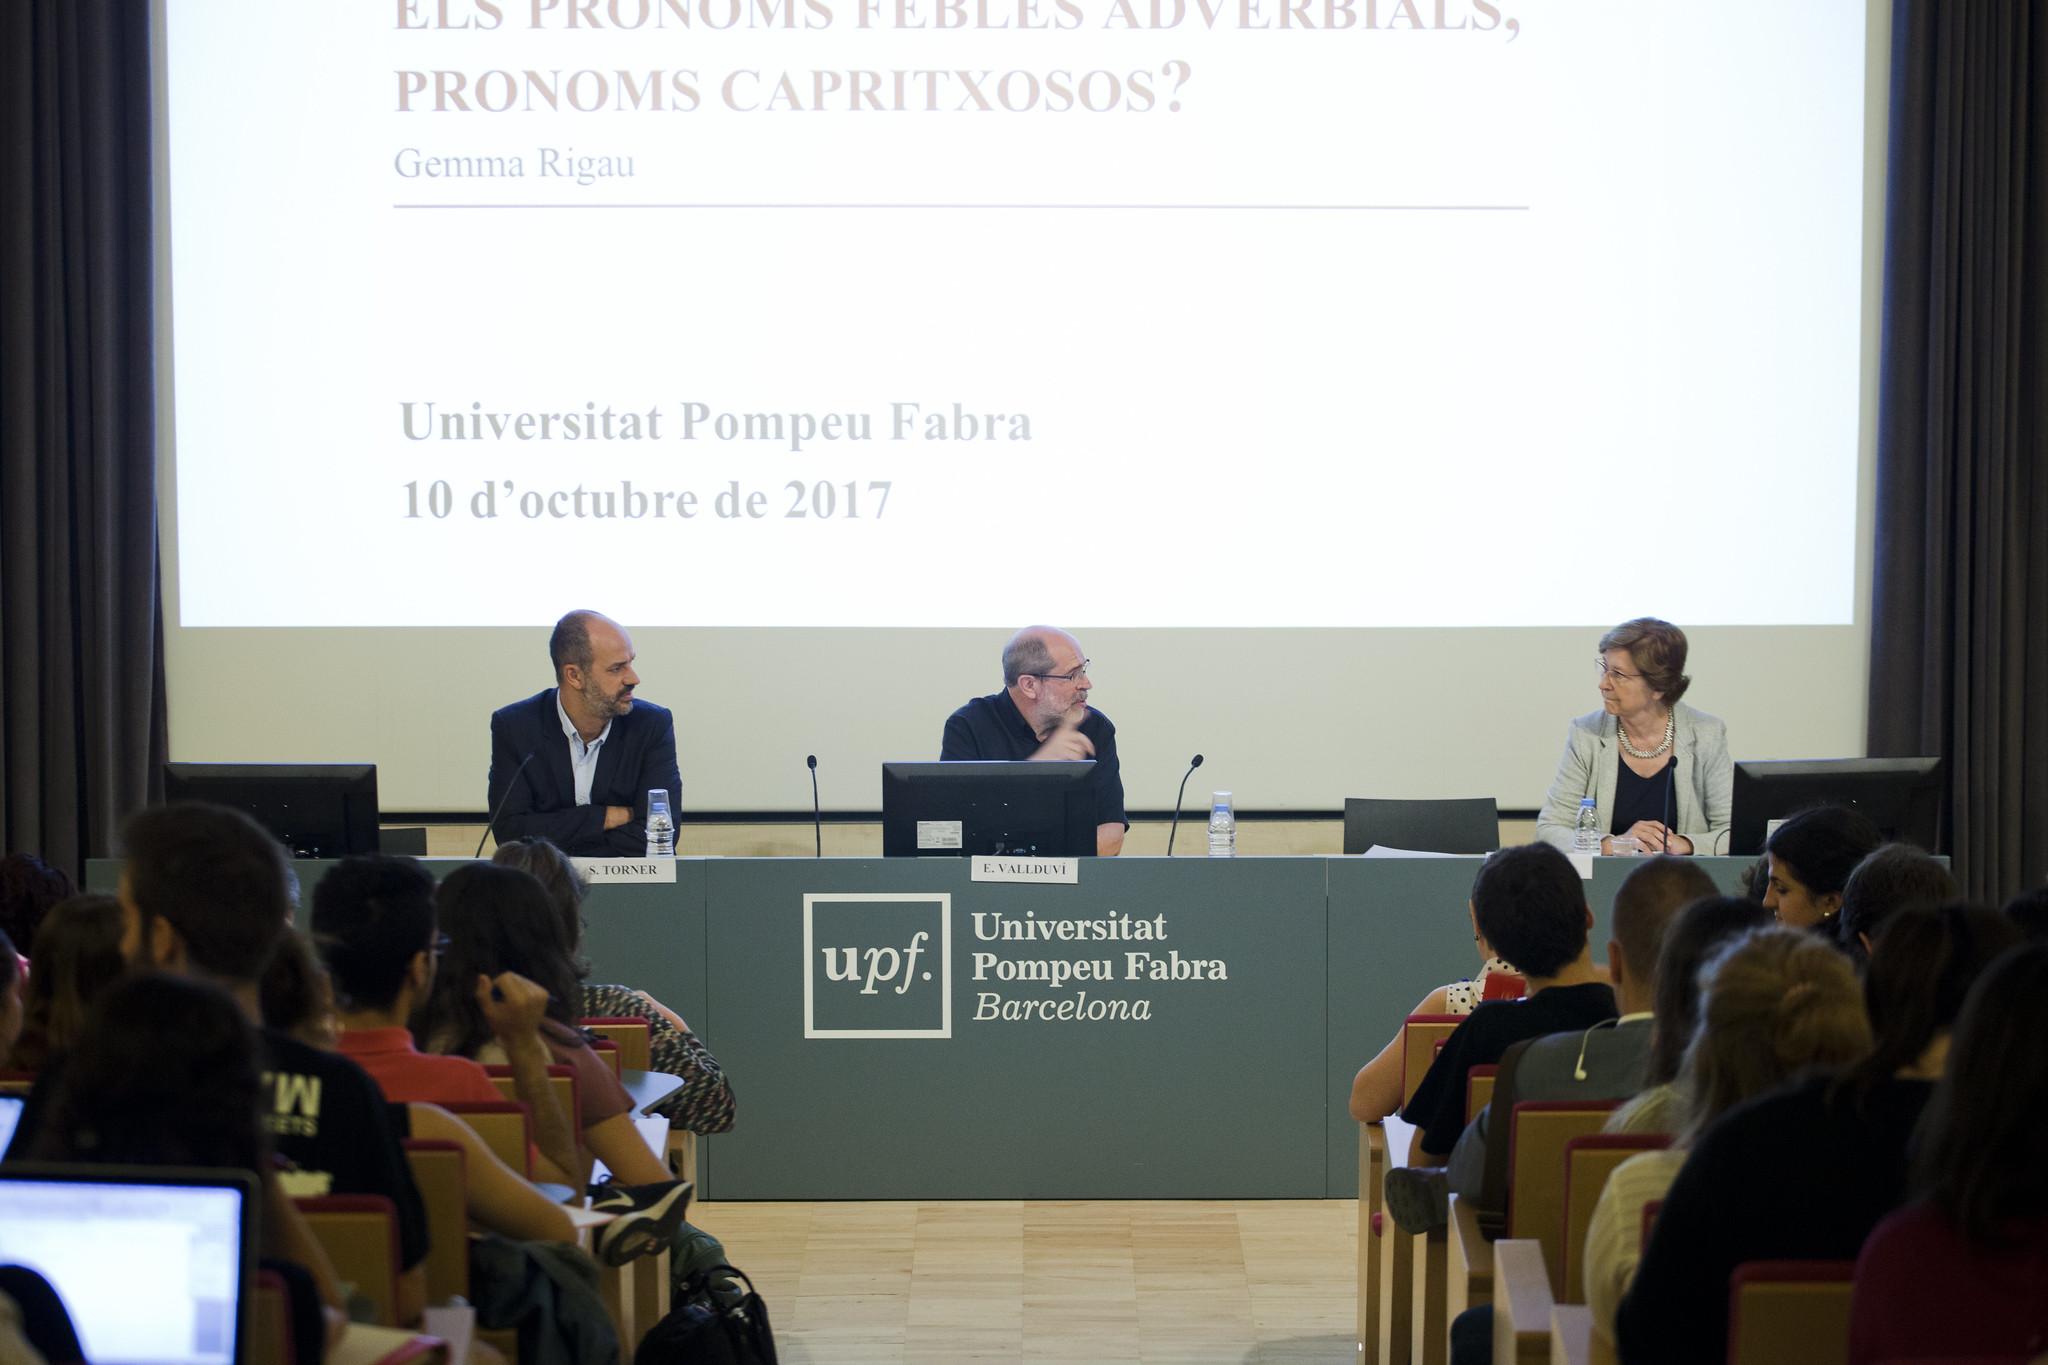 Lliçó inaugural del curs 2017-2018 de la Facultat de Traducció i Interpretació